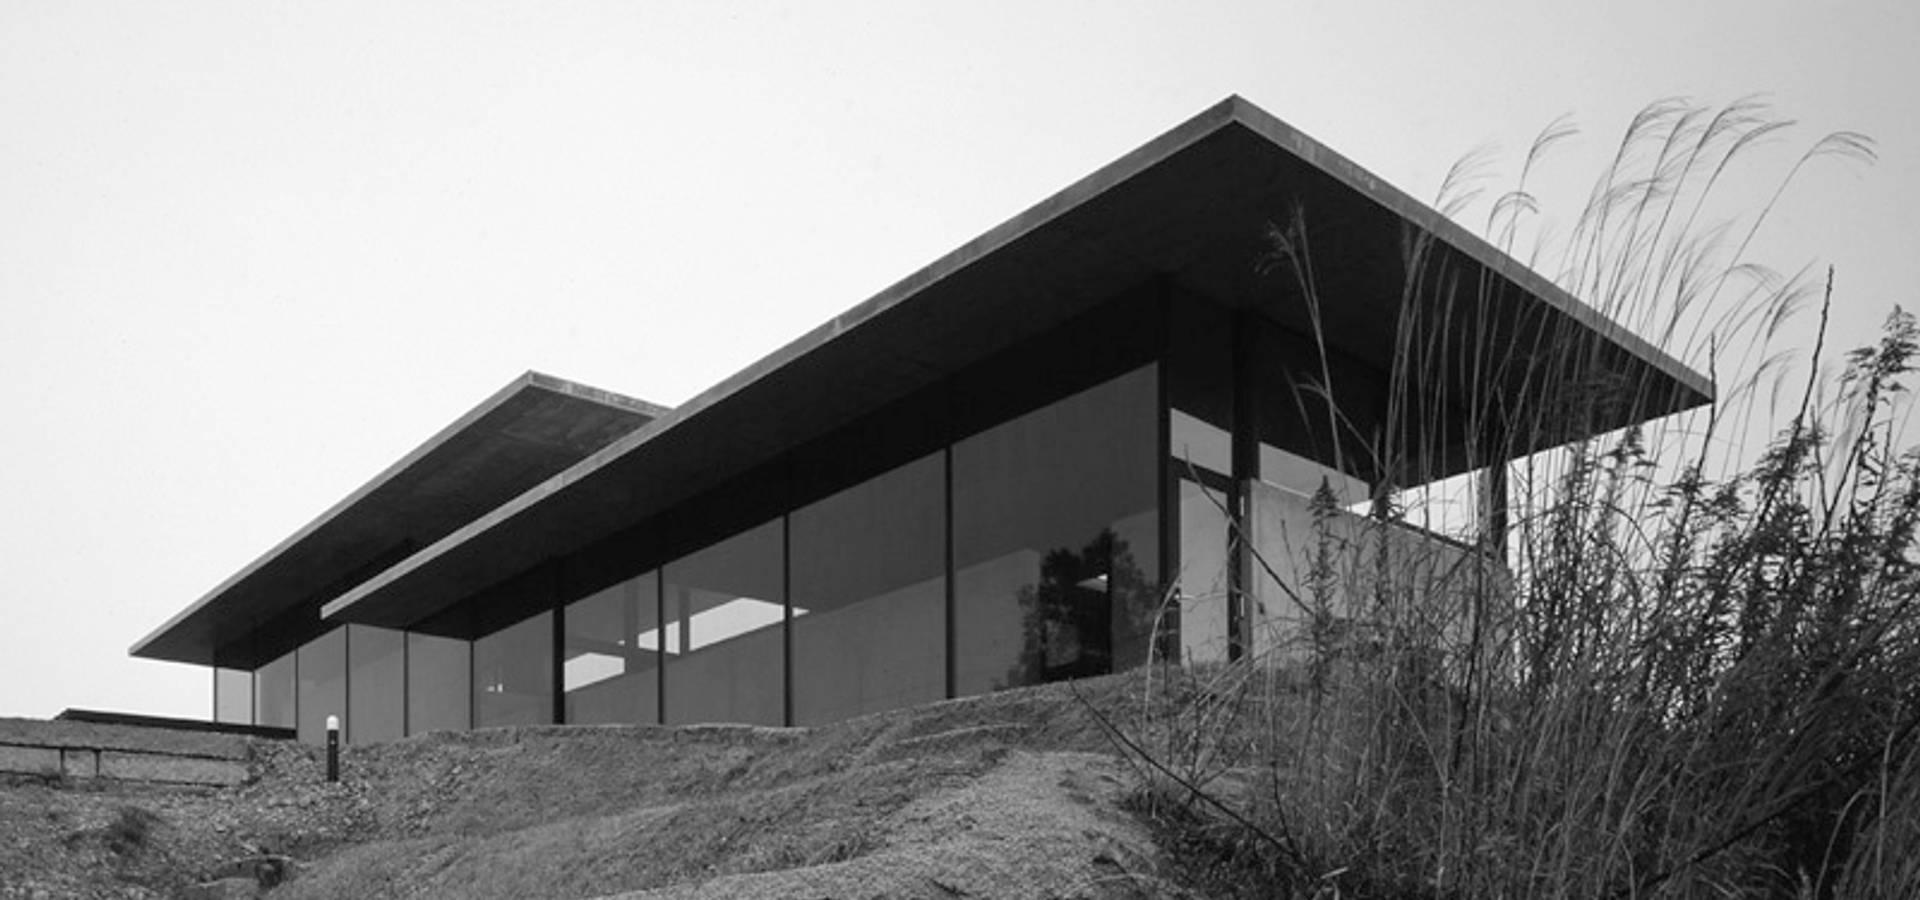 藤本寿徳建築設計事務所